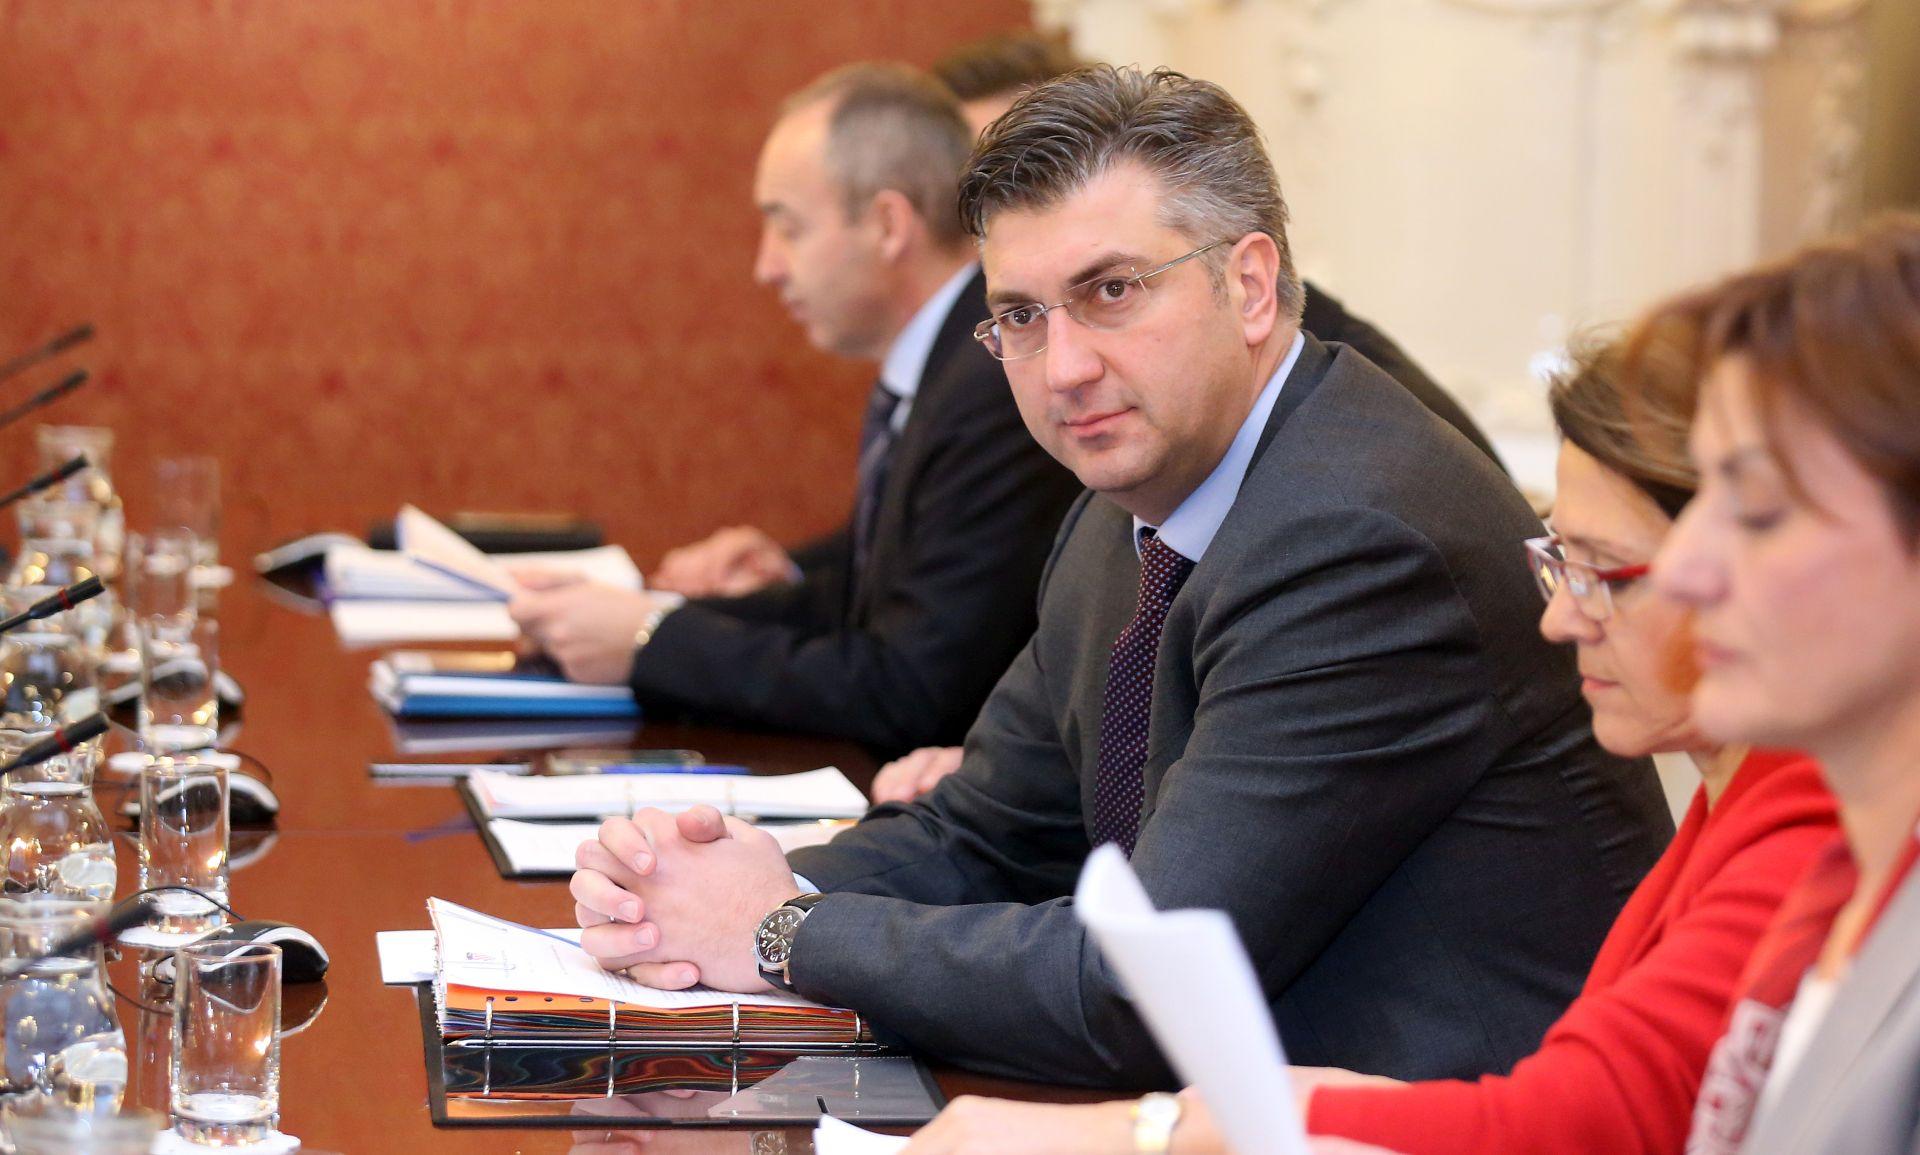 PLENKOVIĆ NAJAVIO: Hrvatska će osporavati arbitražnu presudu u slučaju Ina-MOL